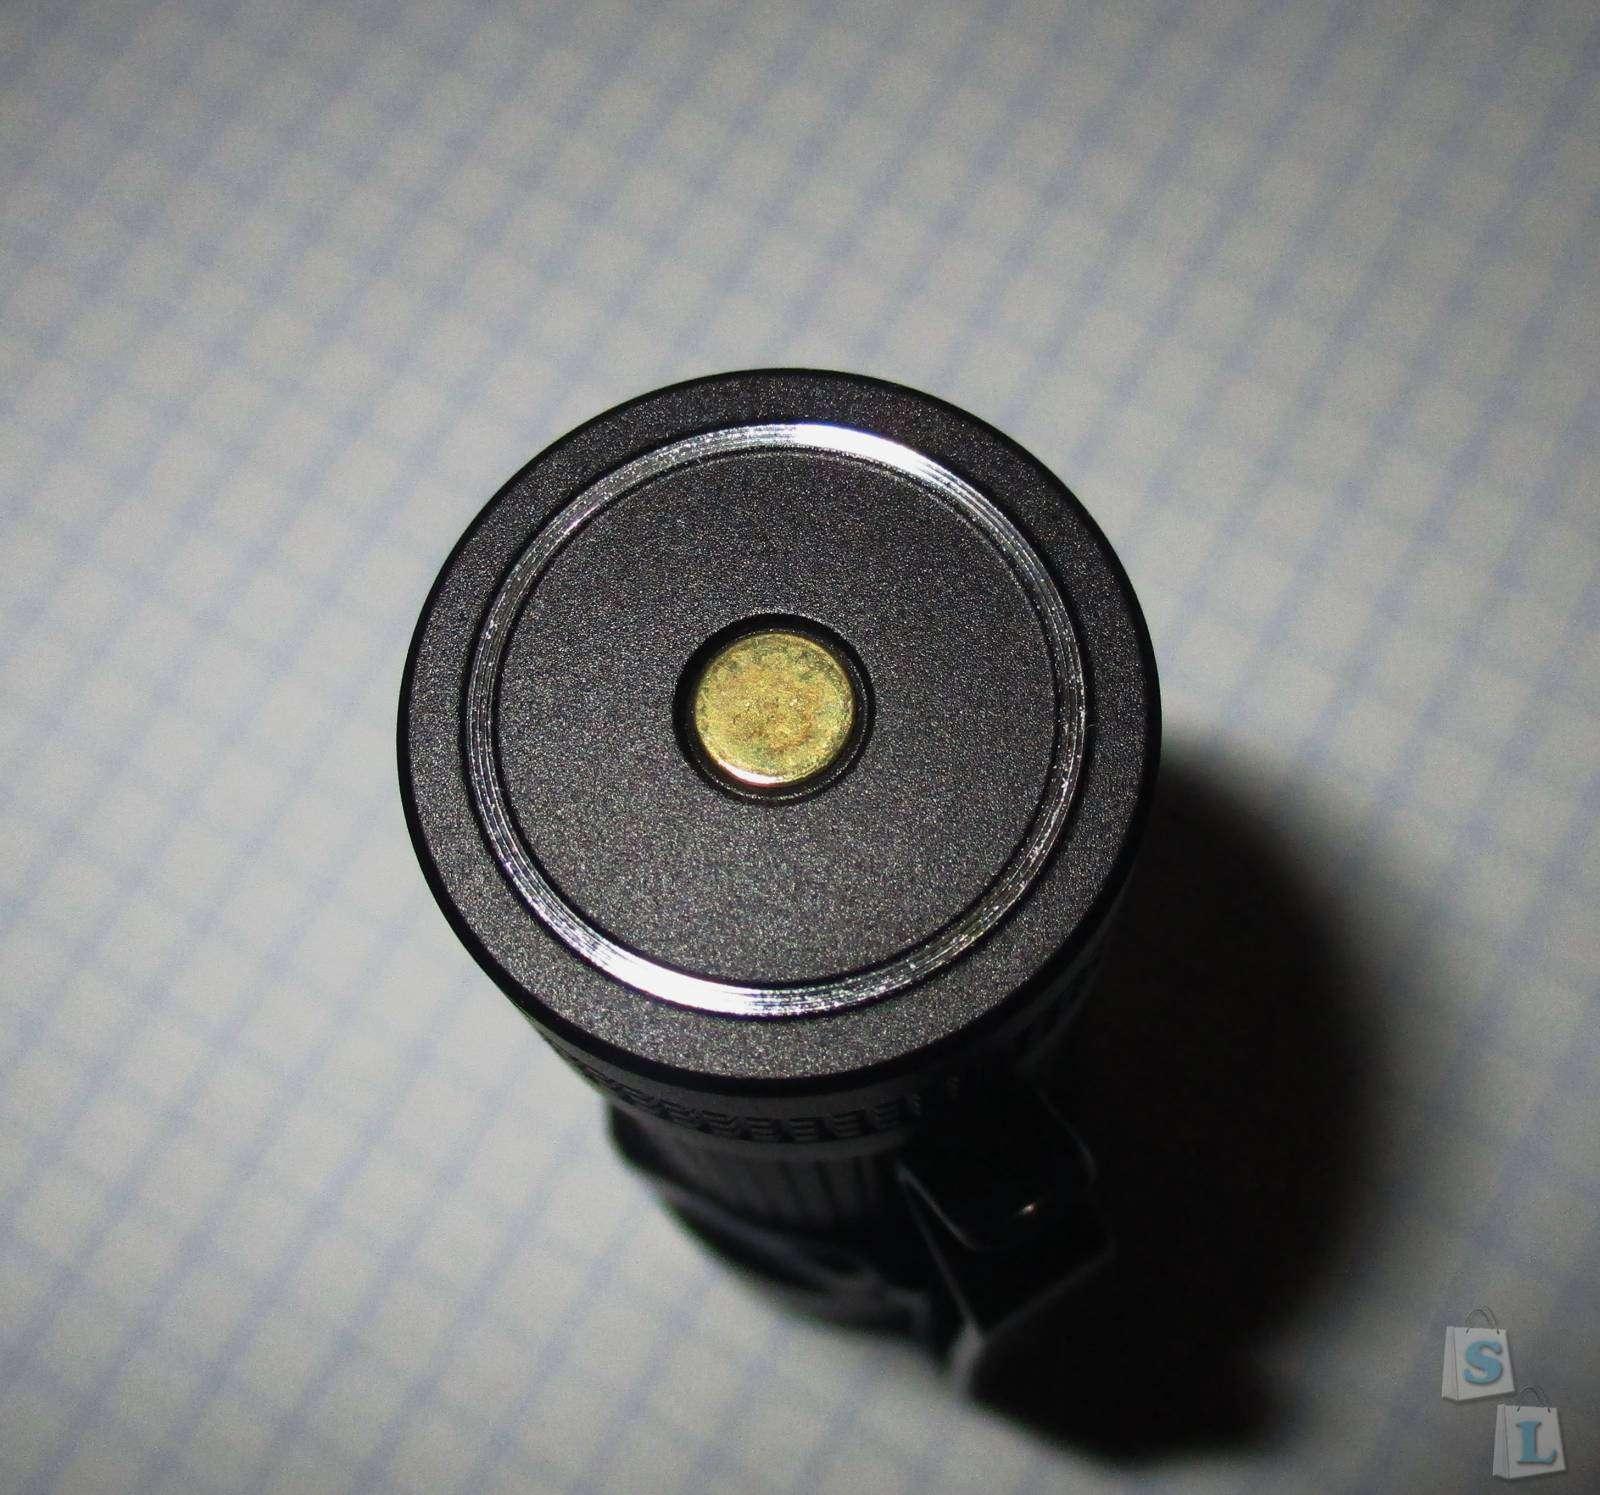 Другие - Россия: Фонарь Olight S10R Baton III